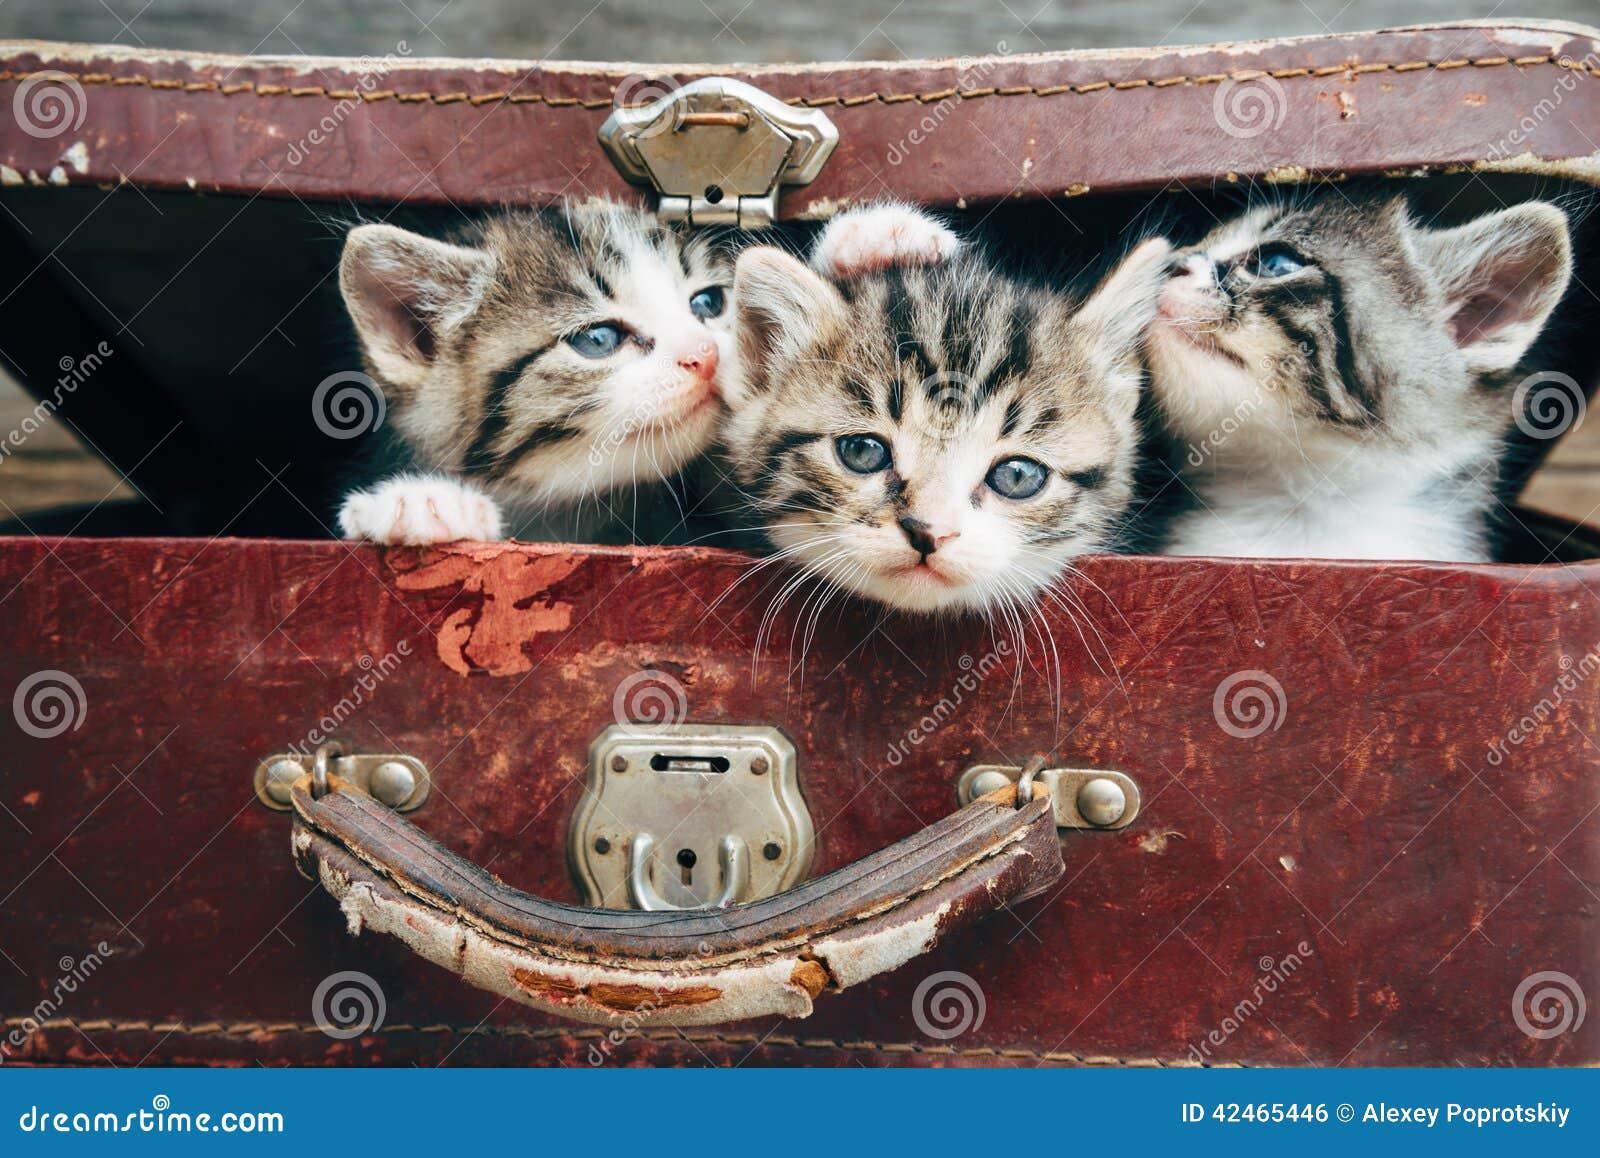 Schöne Kätzchen im Koffer